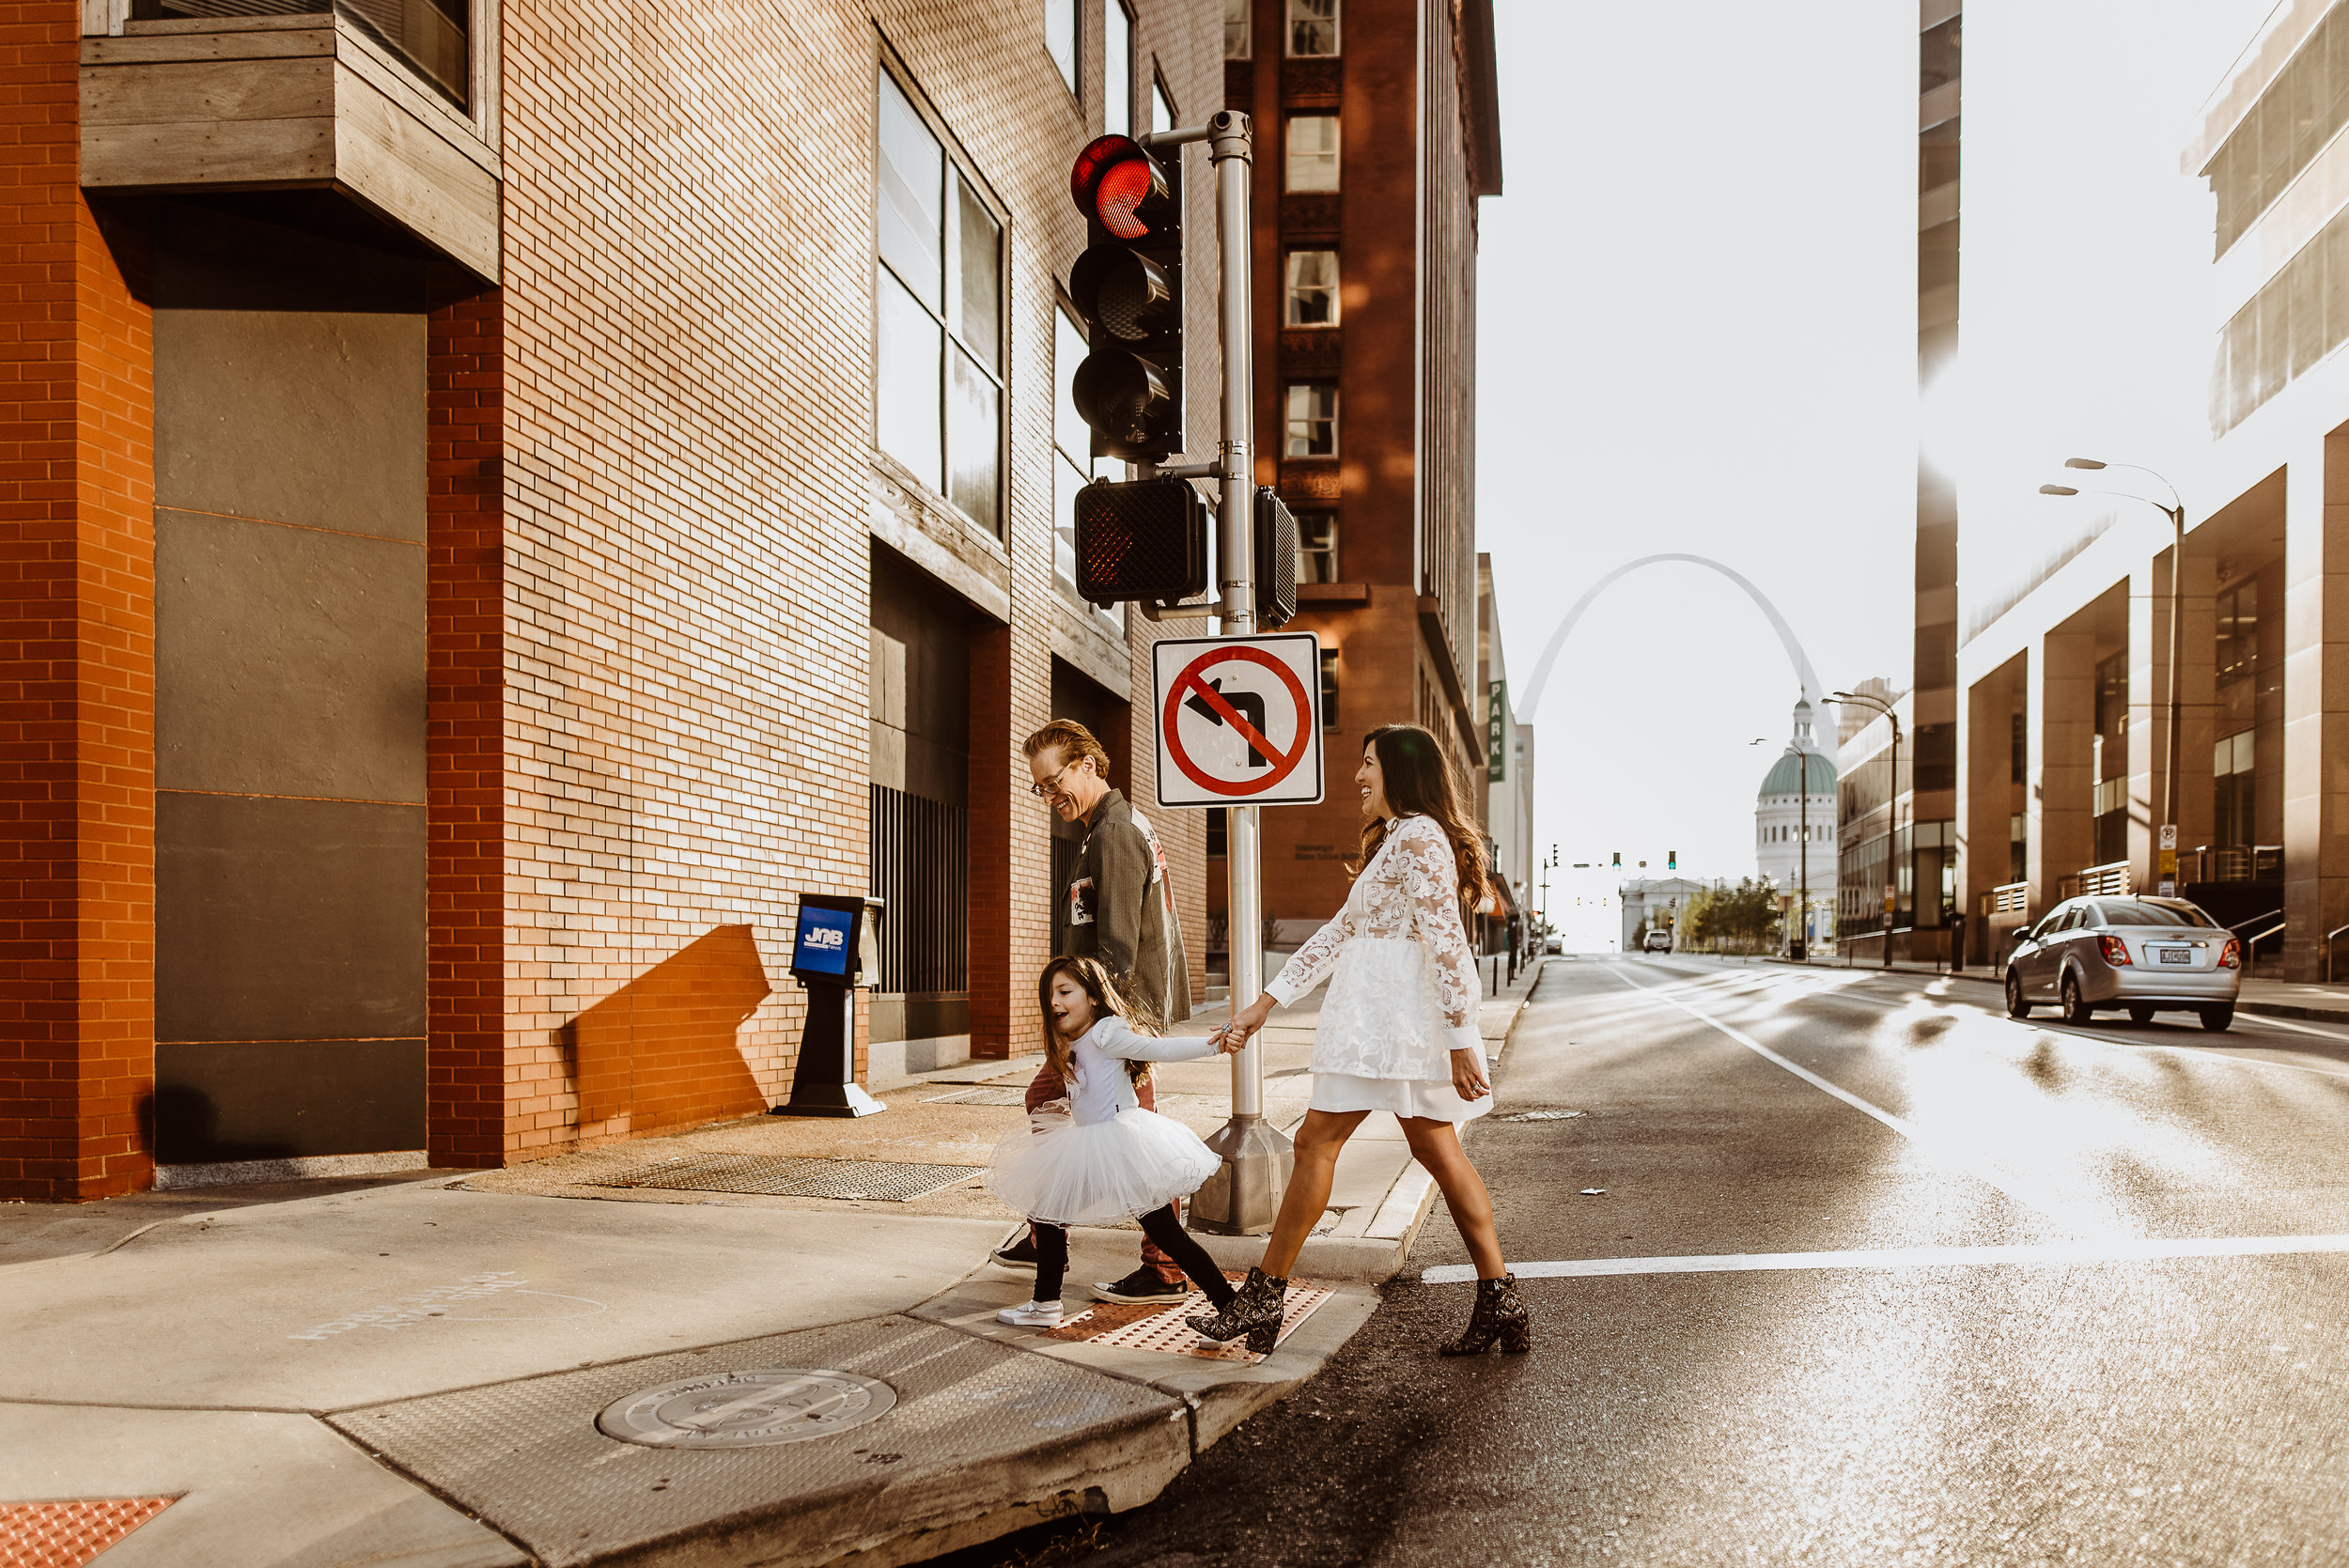 walking in downtown St. Louis